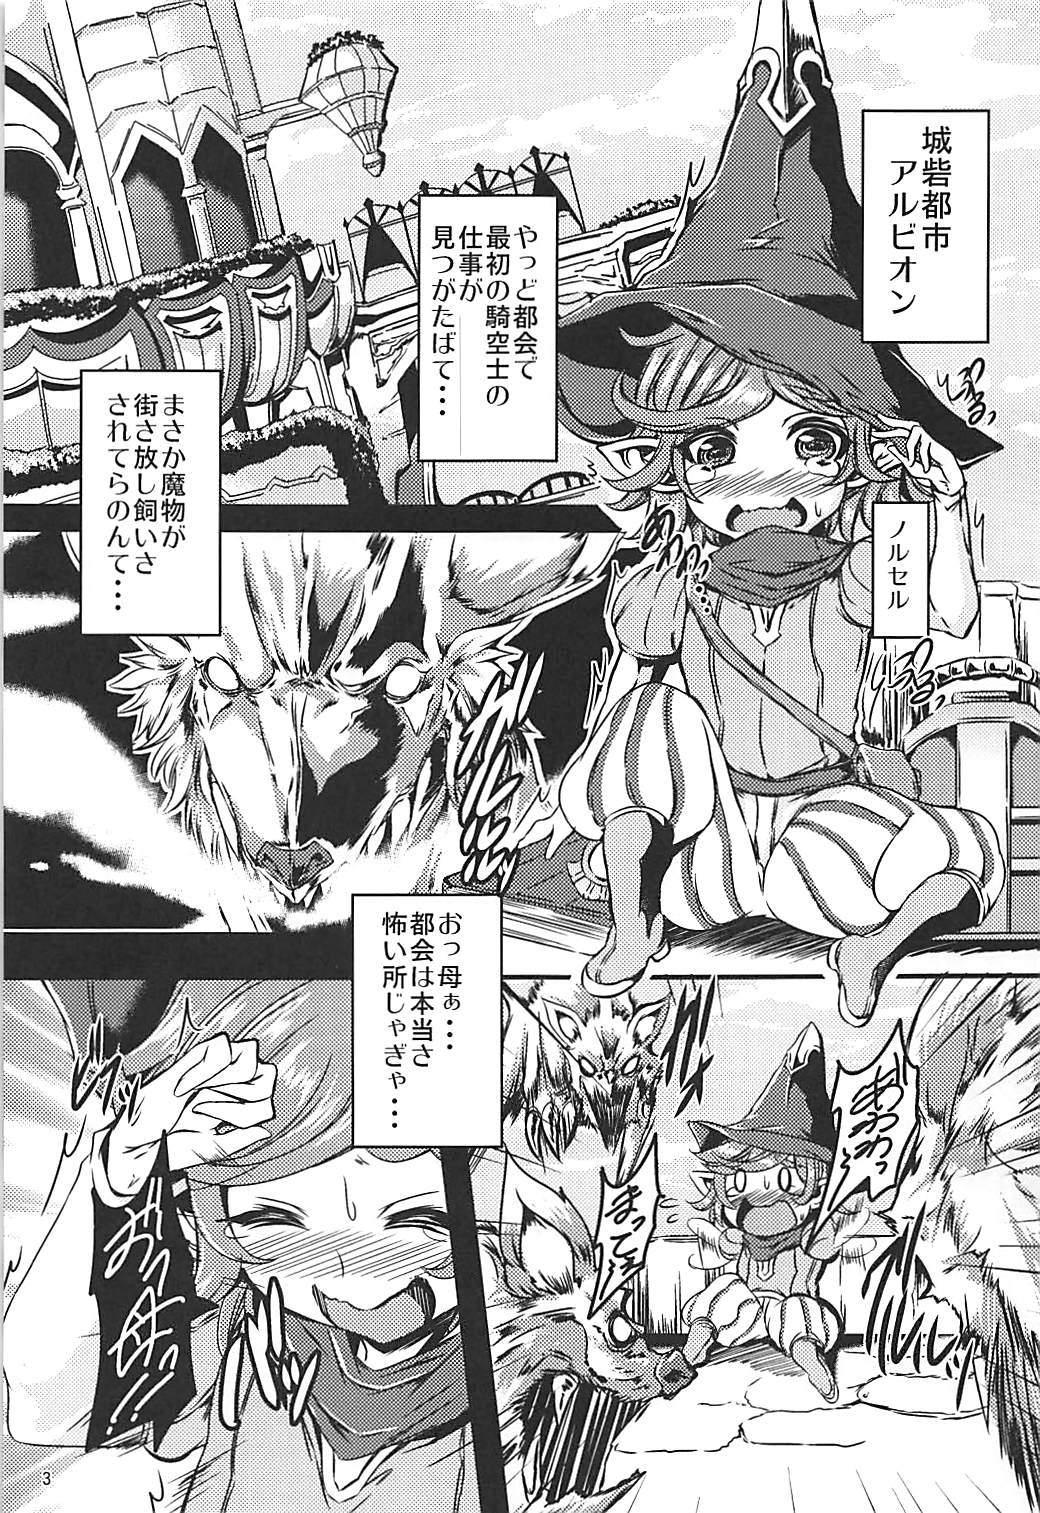 クロエのぉフェラでぇ~wい~っぱいおちんちんにぃバフかけちゃうよぉwww【グラブル エロ漫画・エロ同人】 (2)